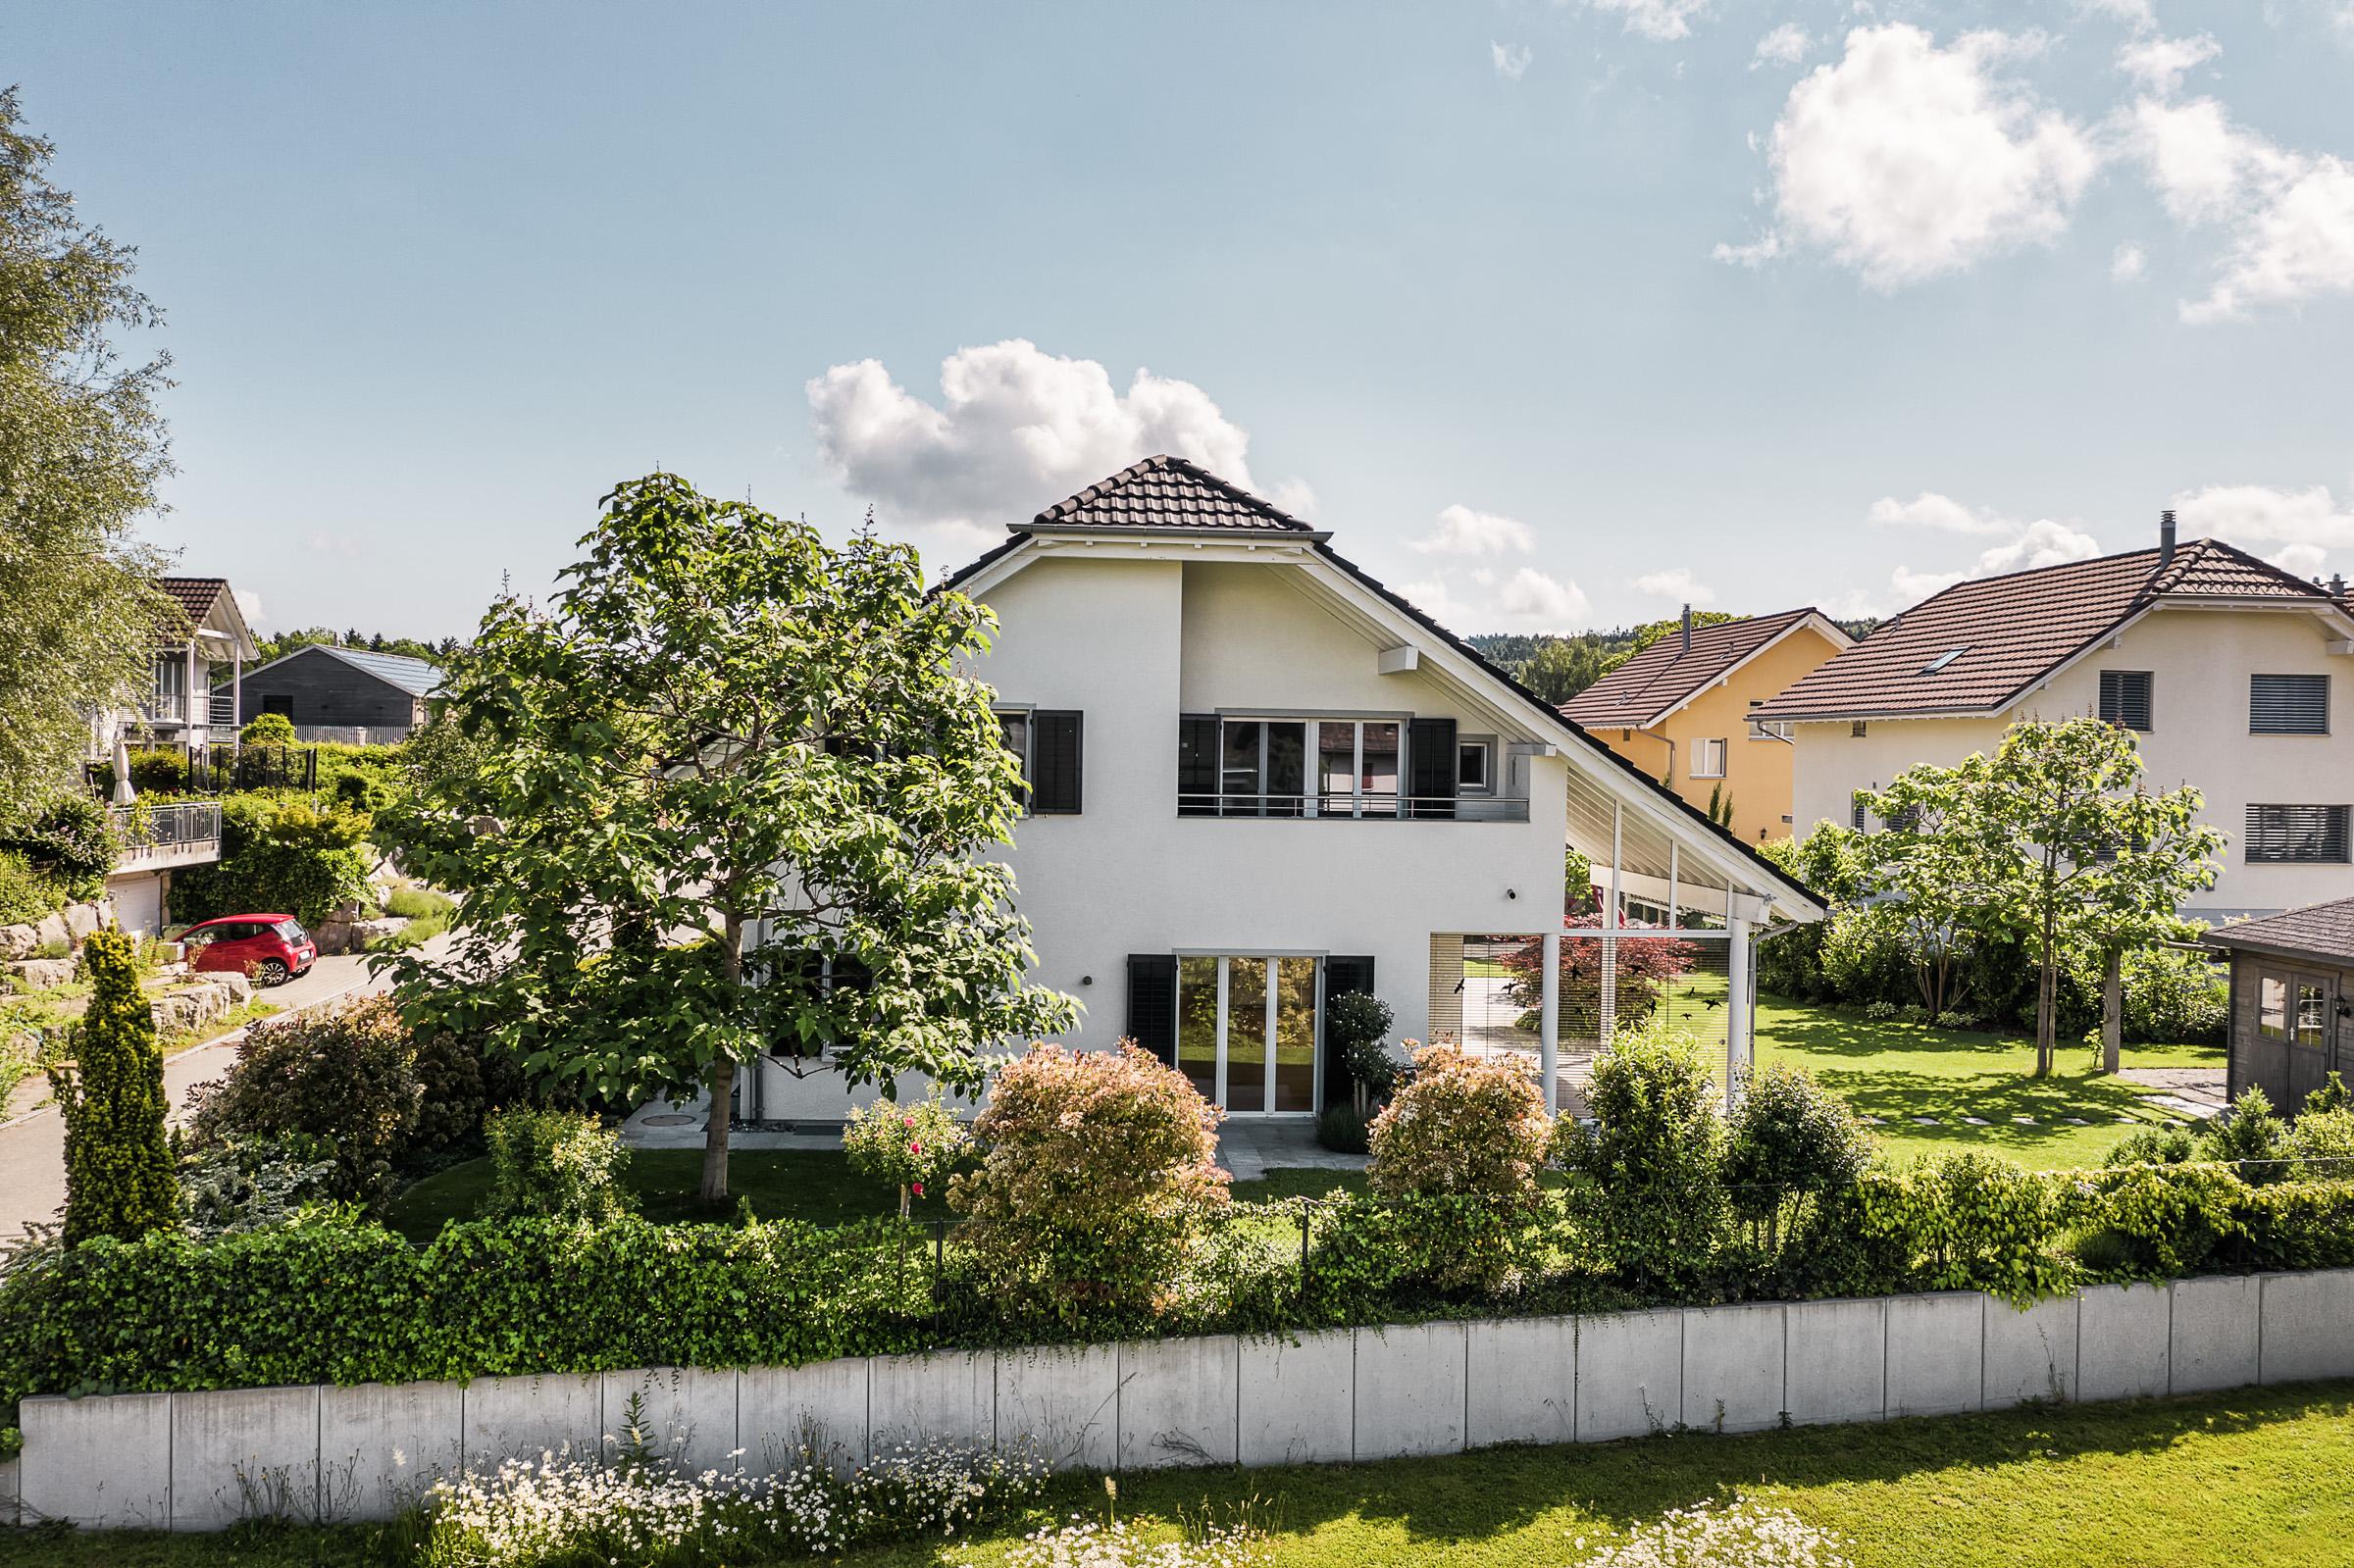 19-112 - Lieblingshaus.ch Silvia Konrad - Landhaus Braunau--17.jpg